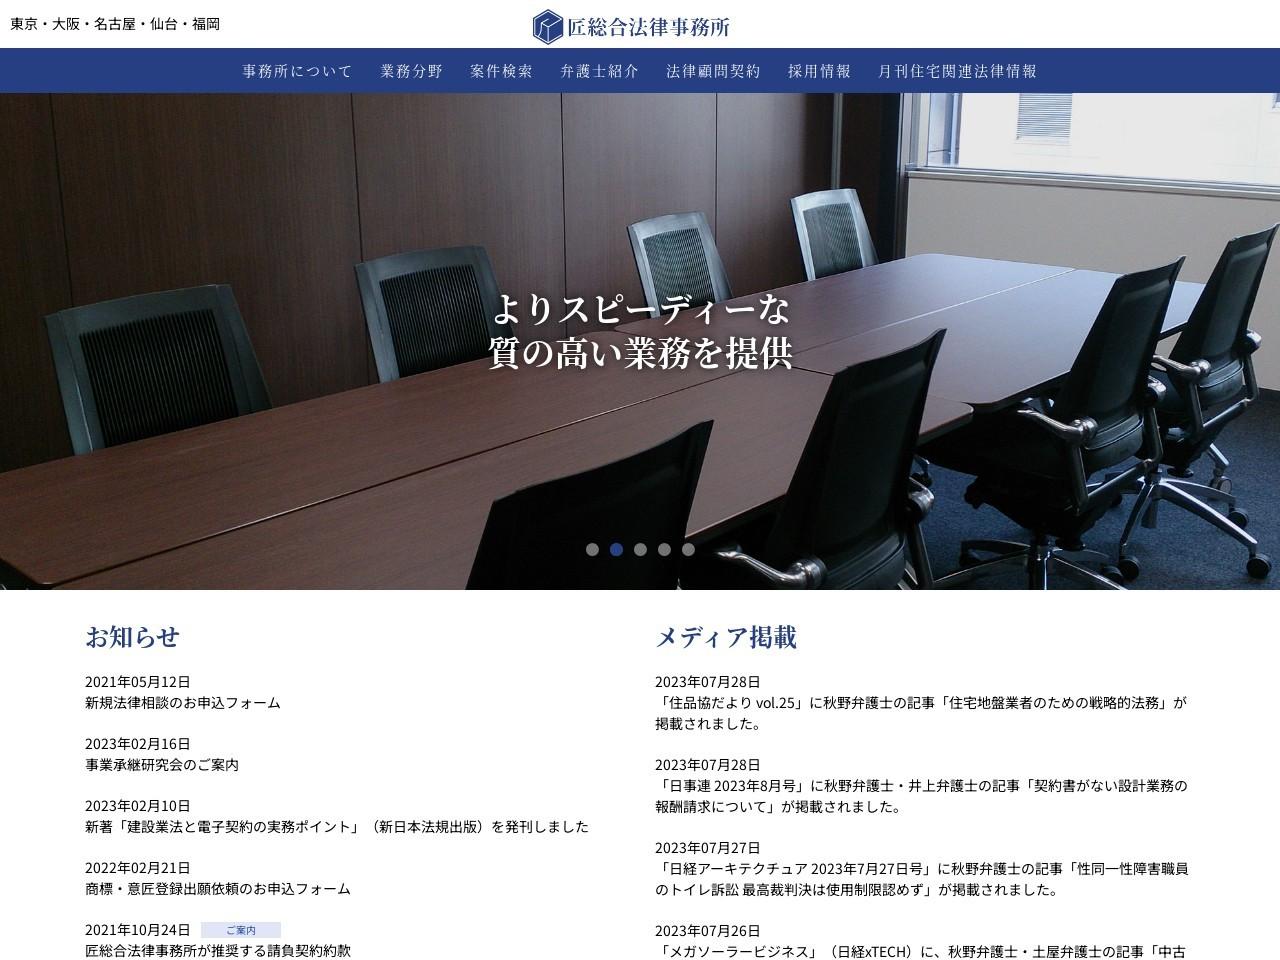 匠総合法律事務所(弁護士法人)名古屋事務所